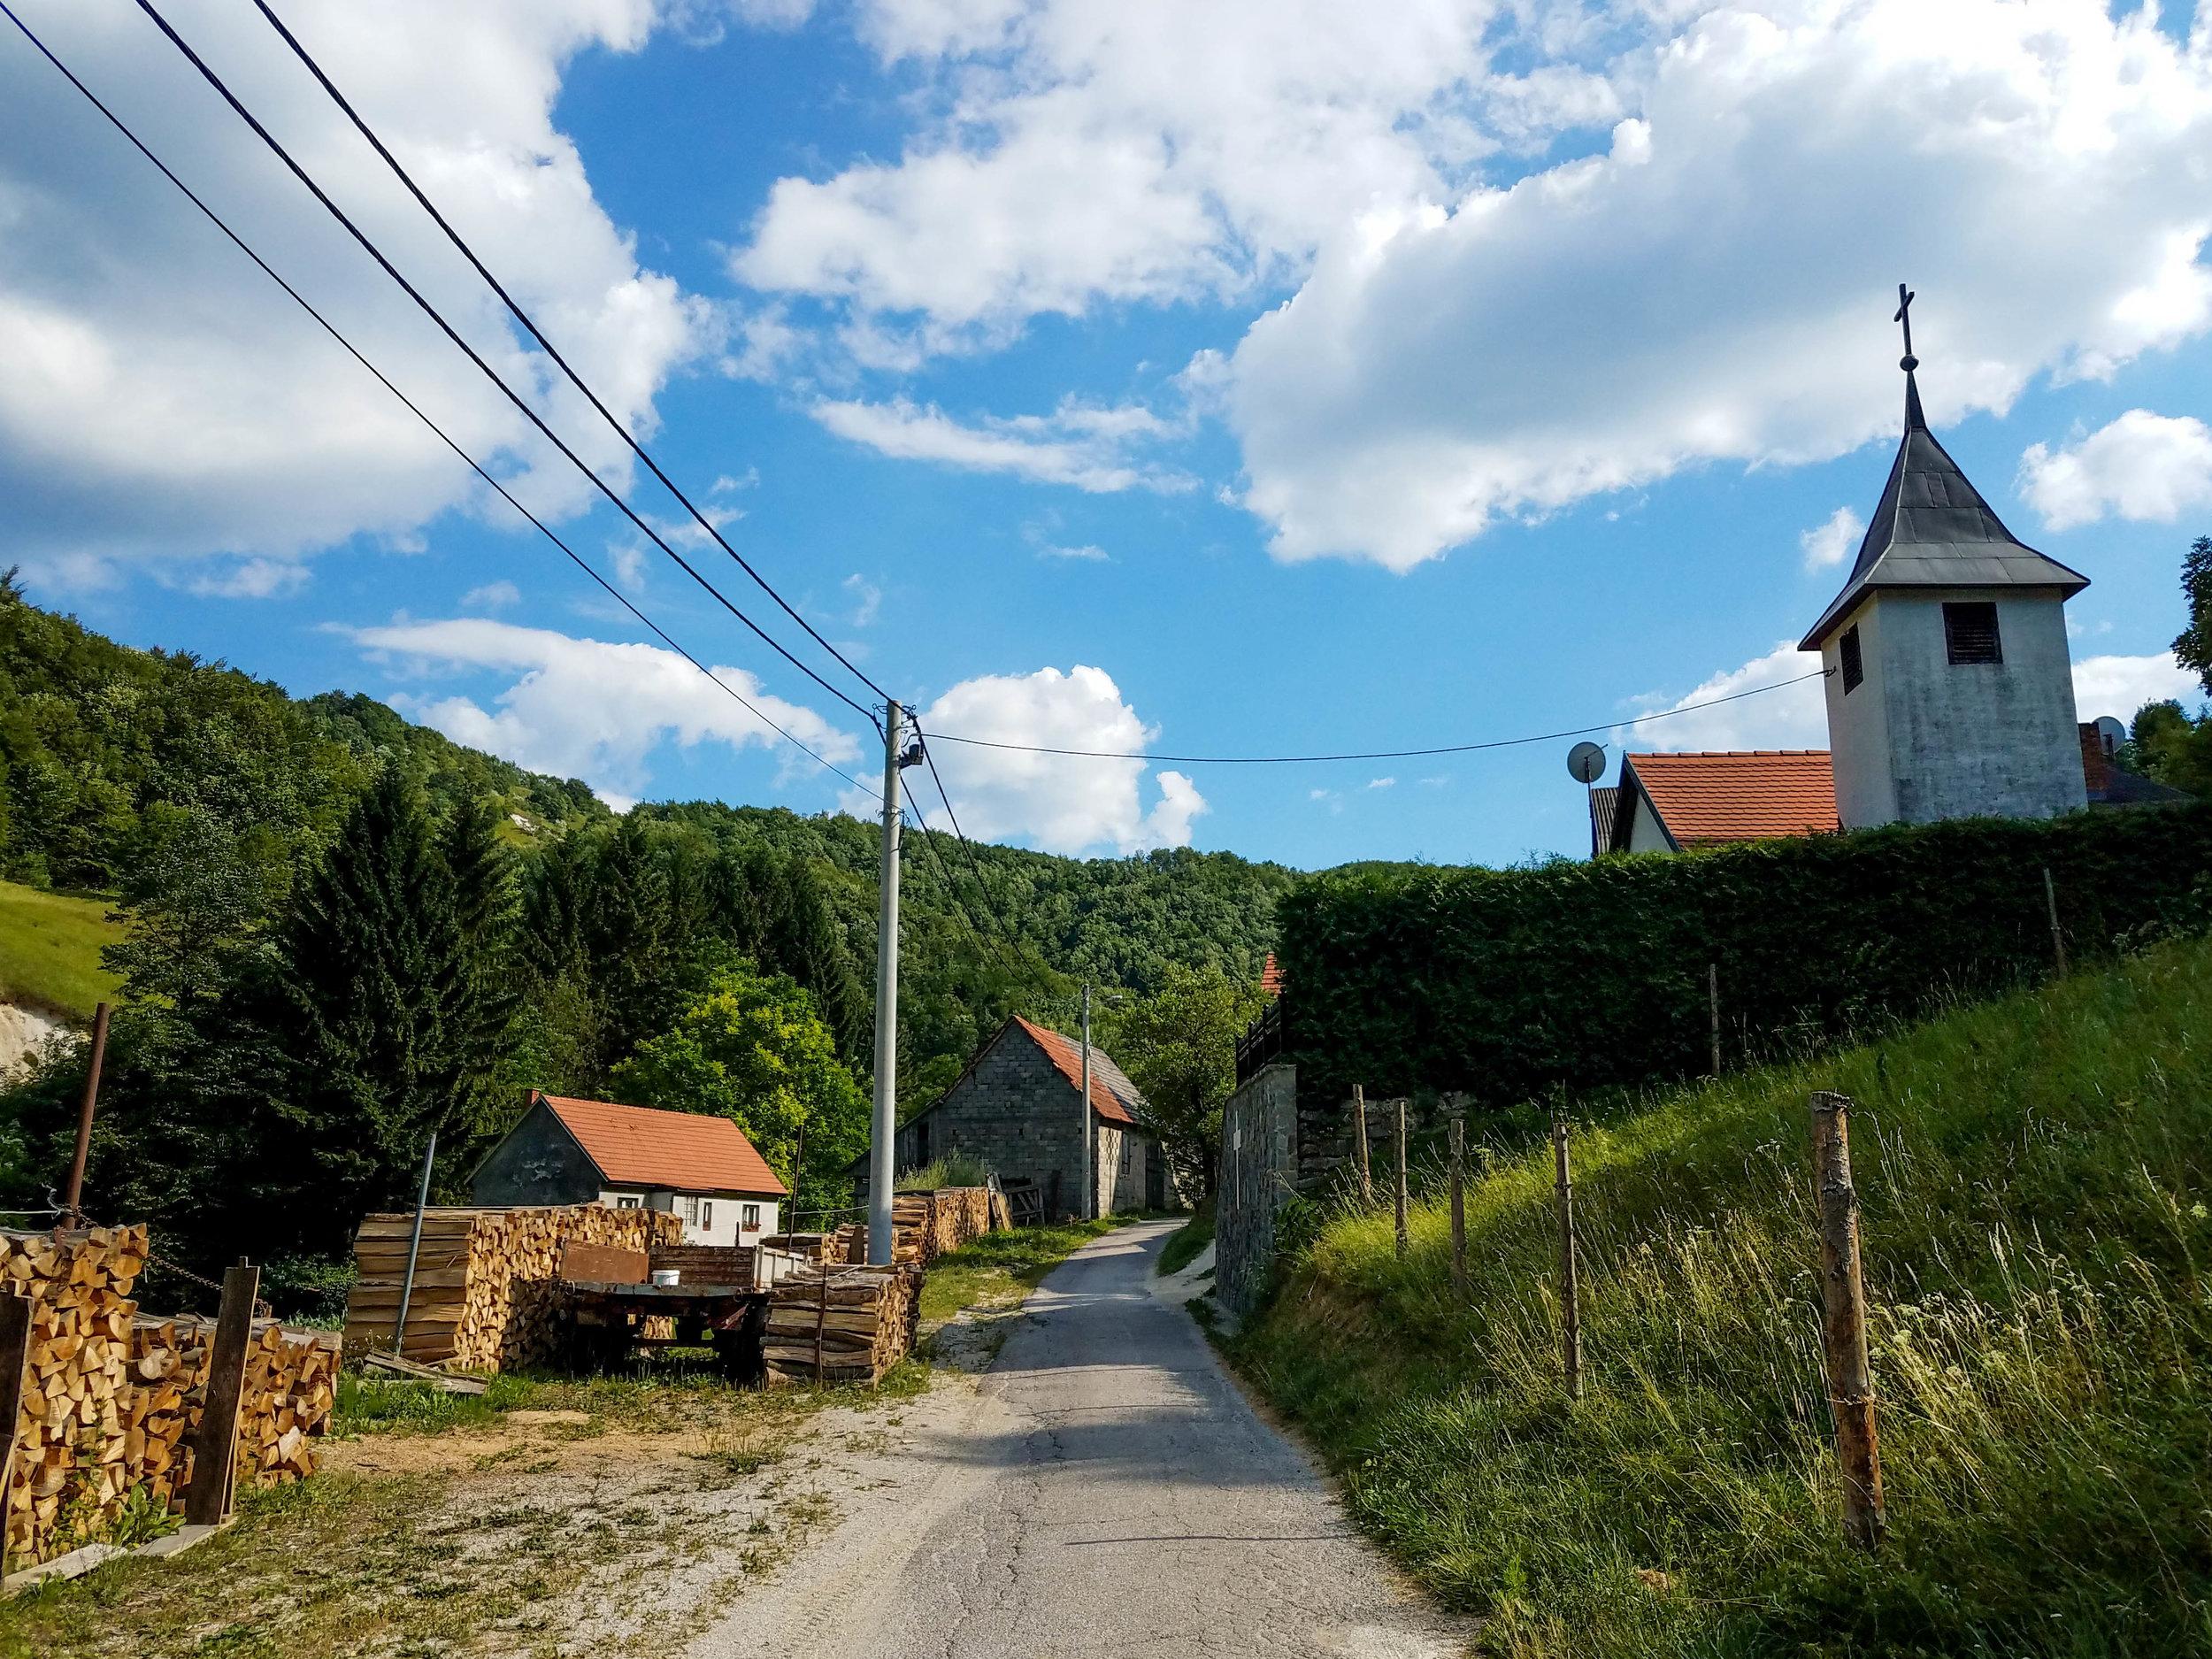 Small farming village